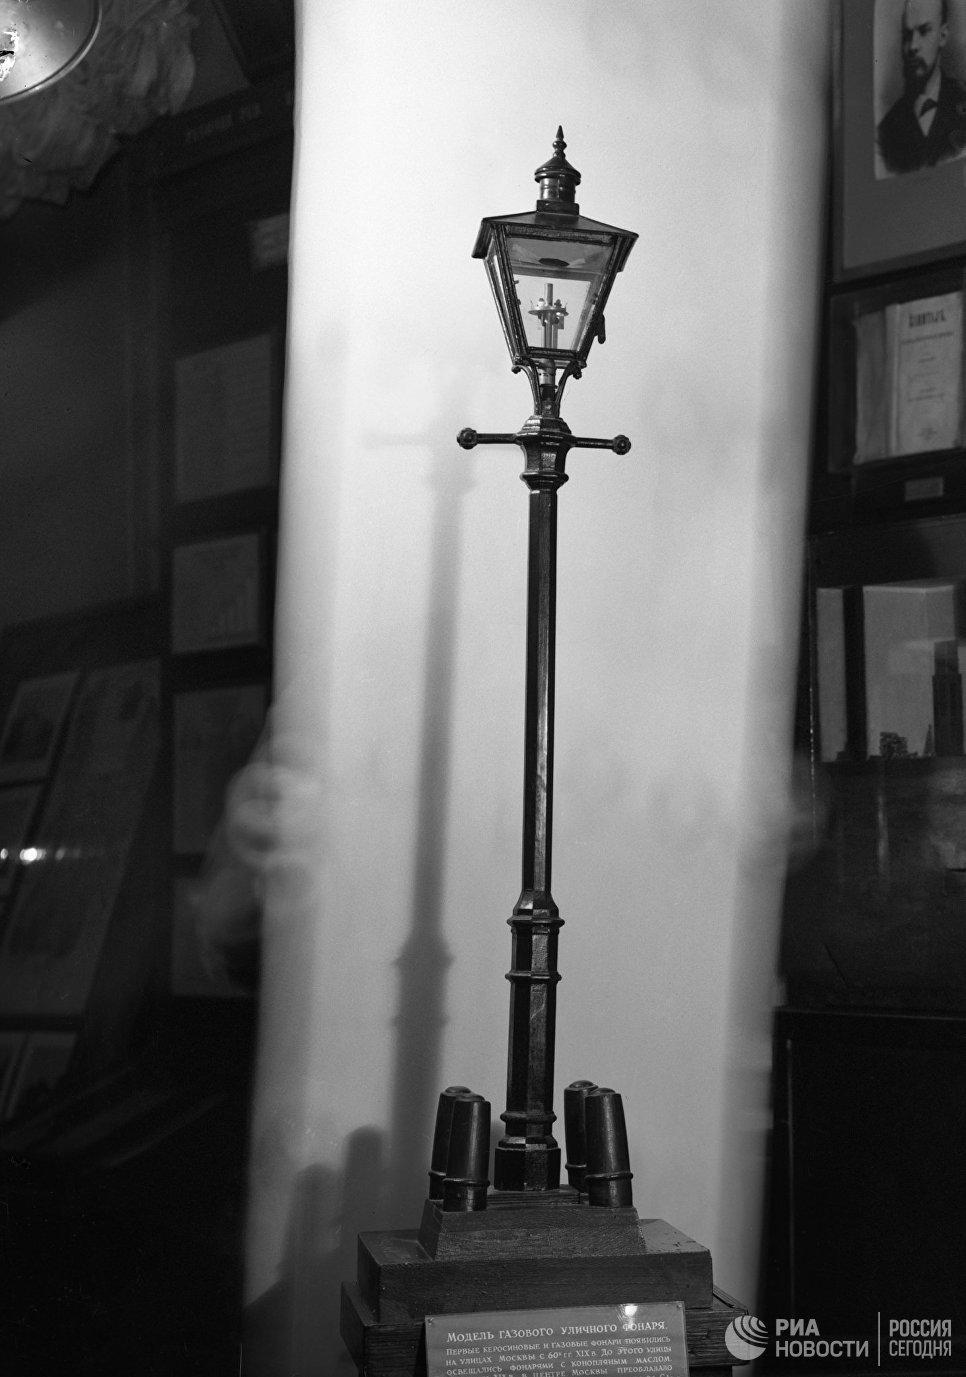 Модель уличного газового фонаря. Конец XIX века